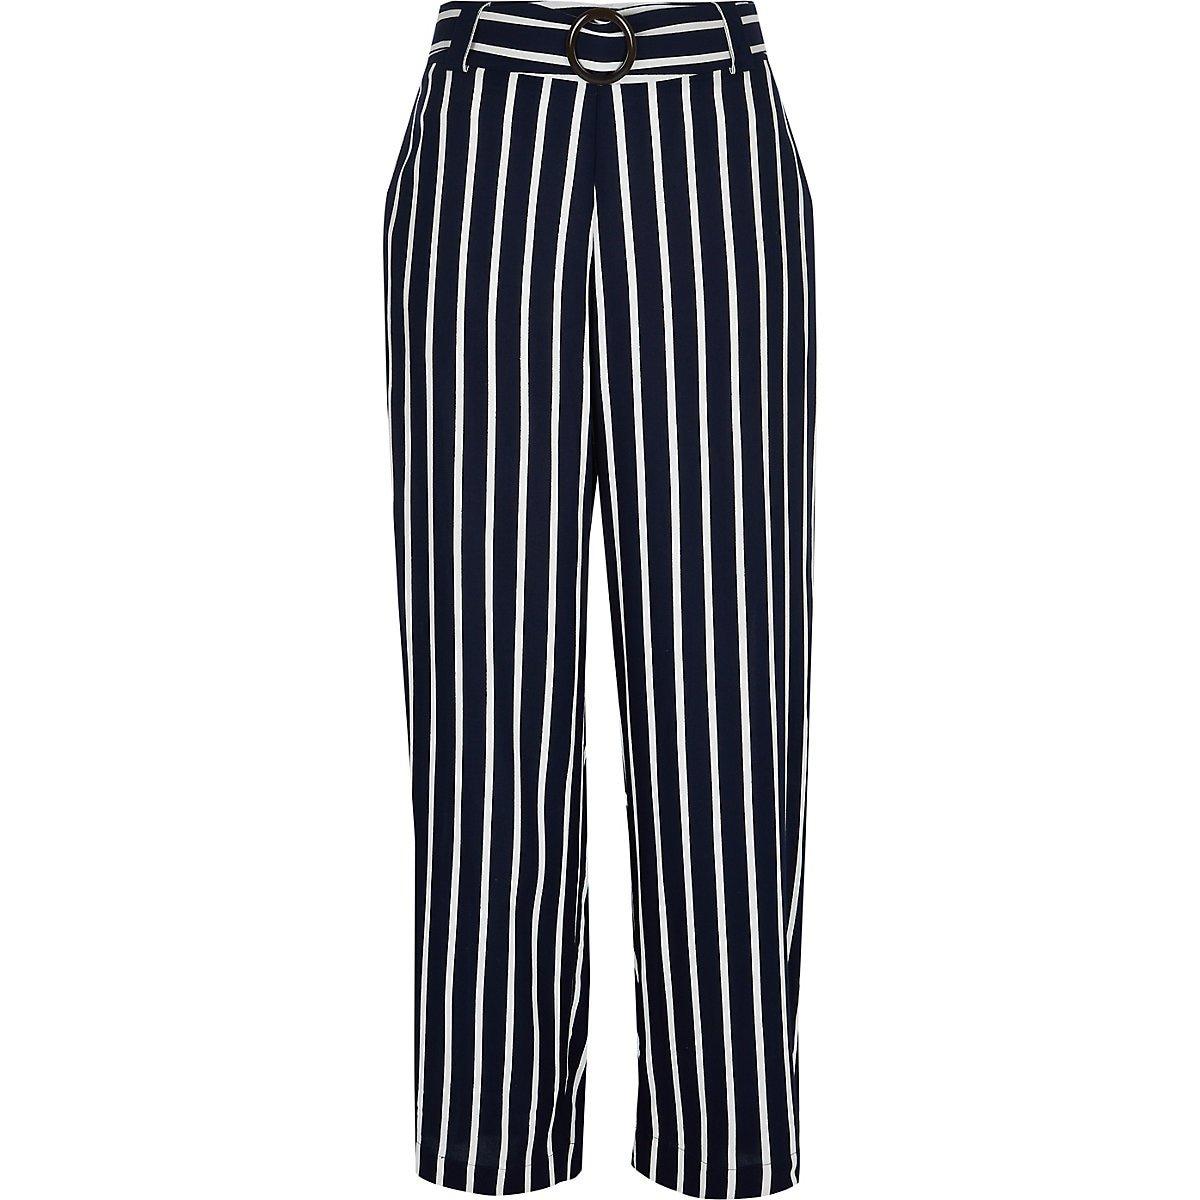 Navy stripe wide leg pants - Wide Leg Pants - Pants - women